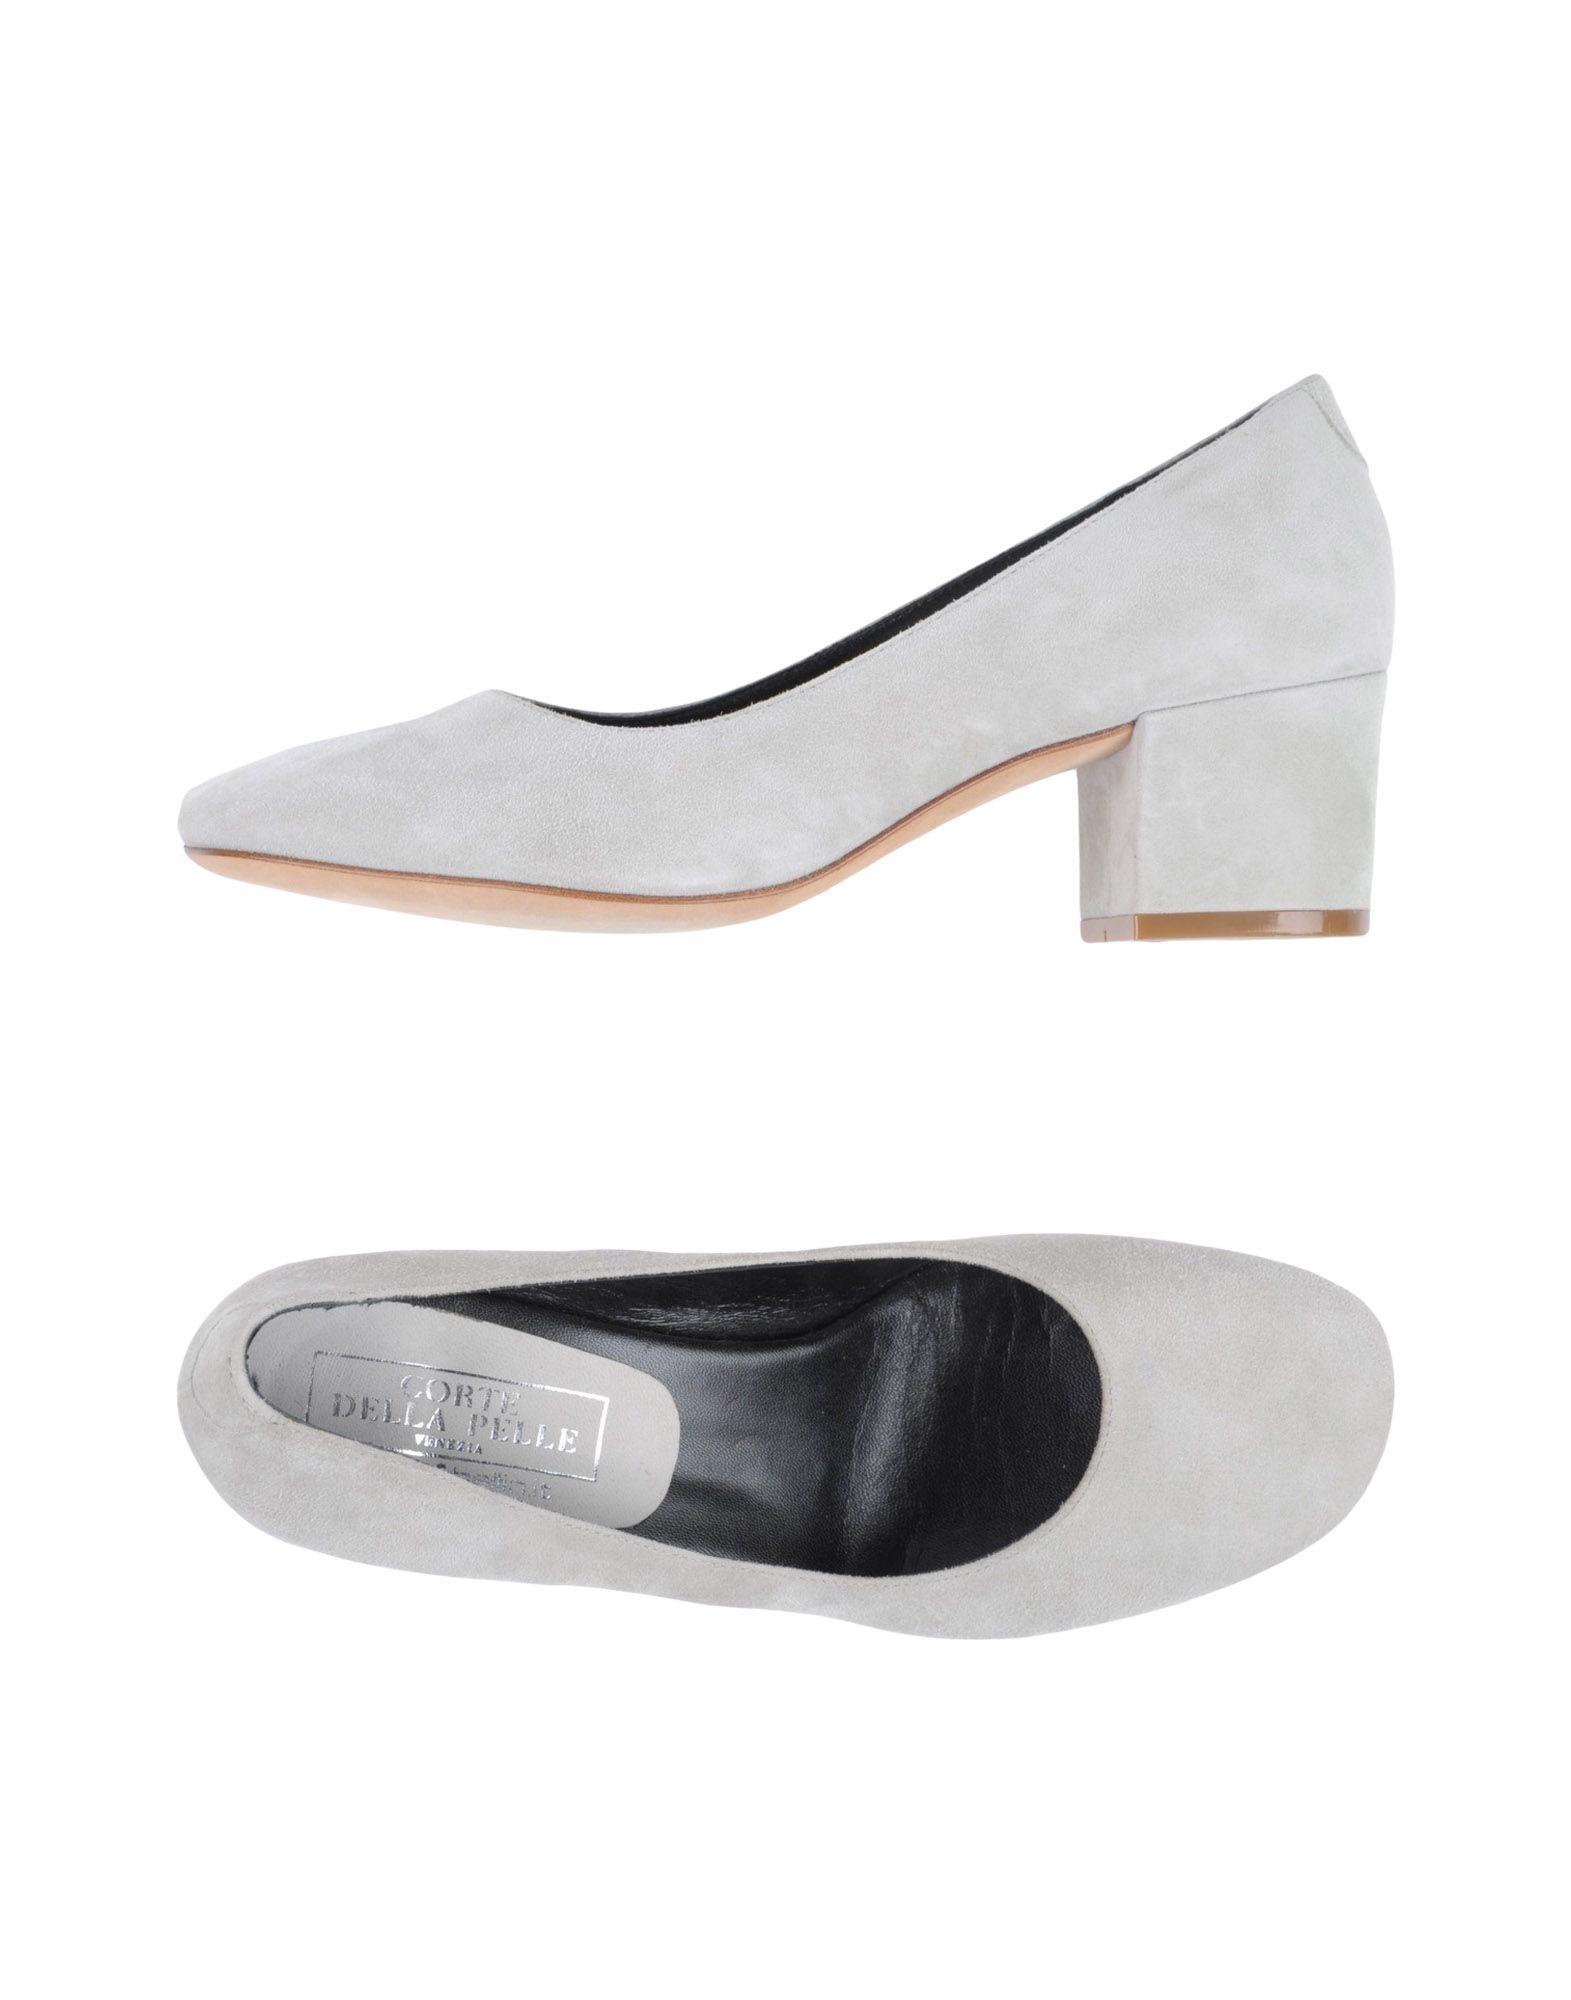 La Corte Della Pelle By Franco Ballin Pumps Damen  11374909SA Gute Qualität beliebte Schuhe